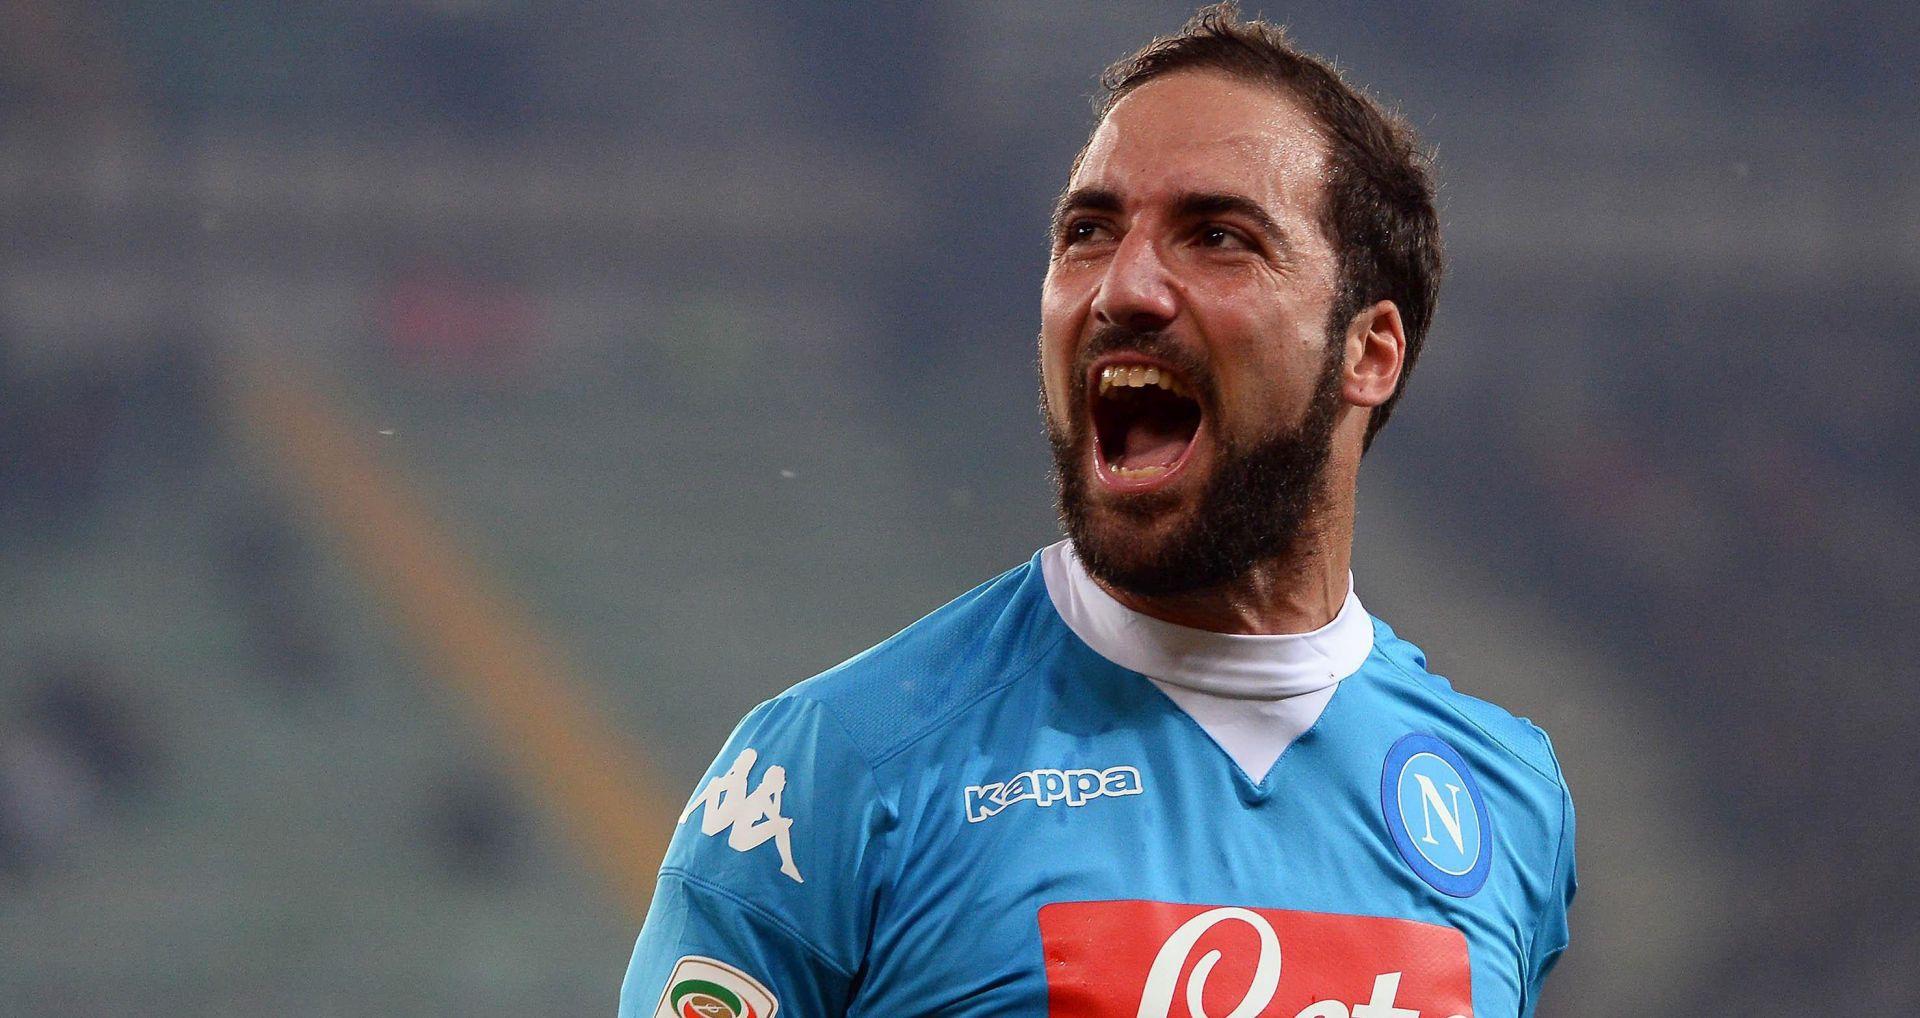 NAJSKUPLJI TALIJANSKI TRANSFER Gonzalo Higuain potpisao za Juventus, Napoliju 90 milijuna eura